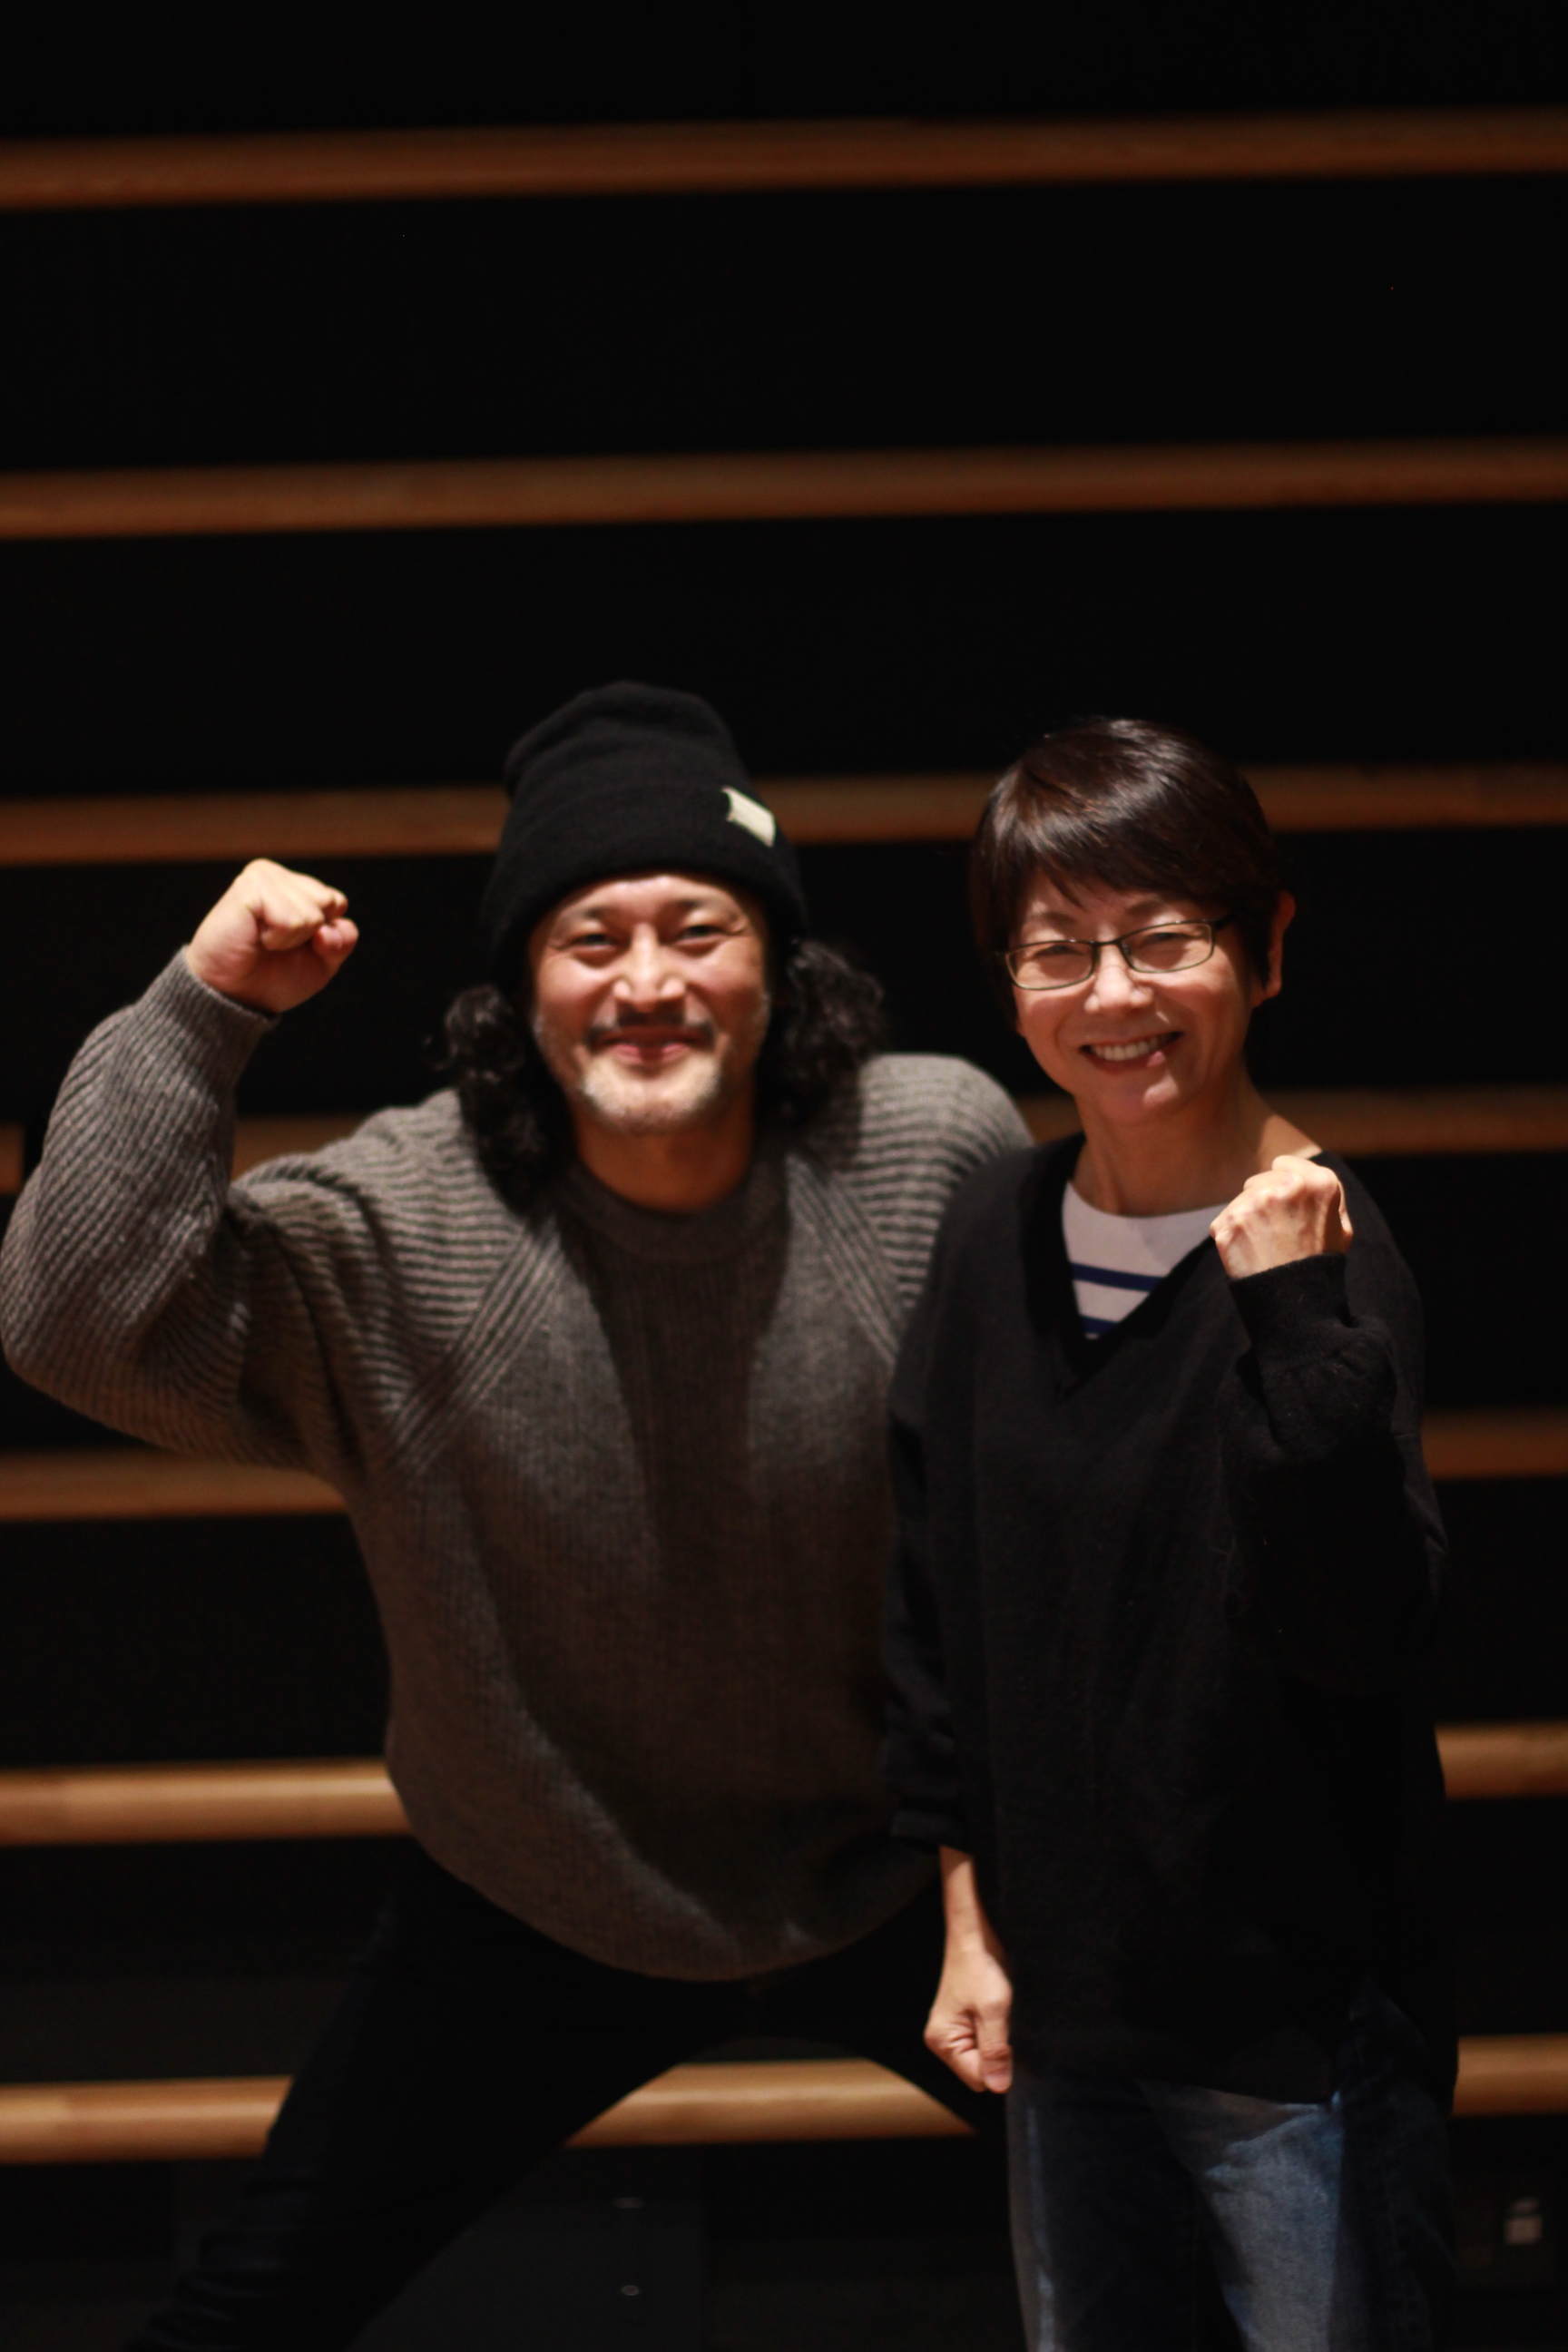 千葉雅子(右)と横田栄司